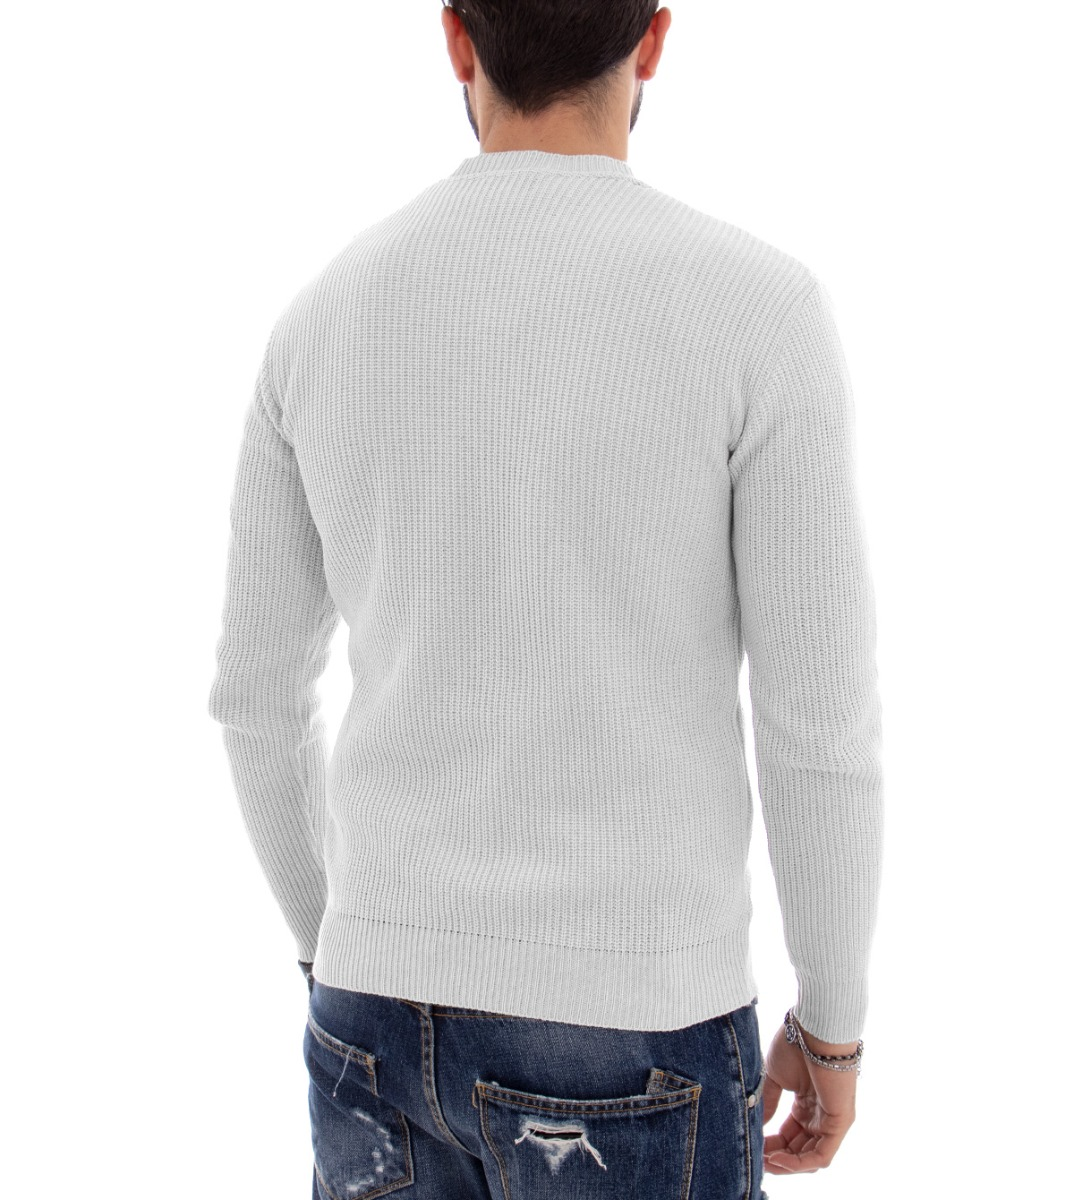 foto ufficiali 0a7a2 60bb5 MAGLIONCINO UOMO MAGLIONE Maglia Girocollo Tinta Unita Bianco Slim GIOSAL